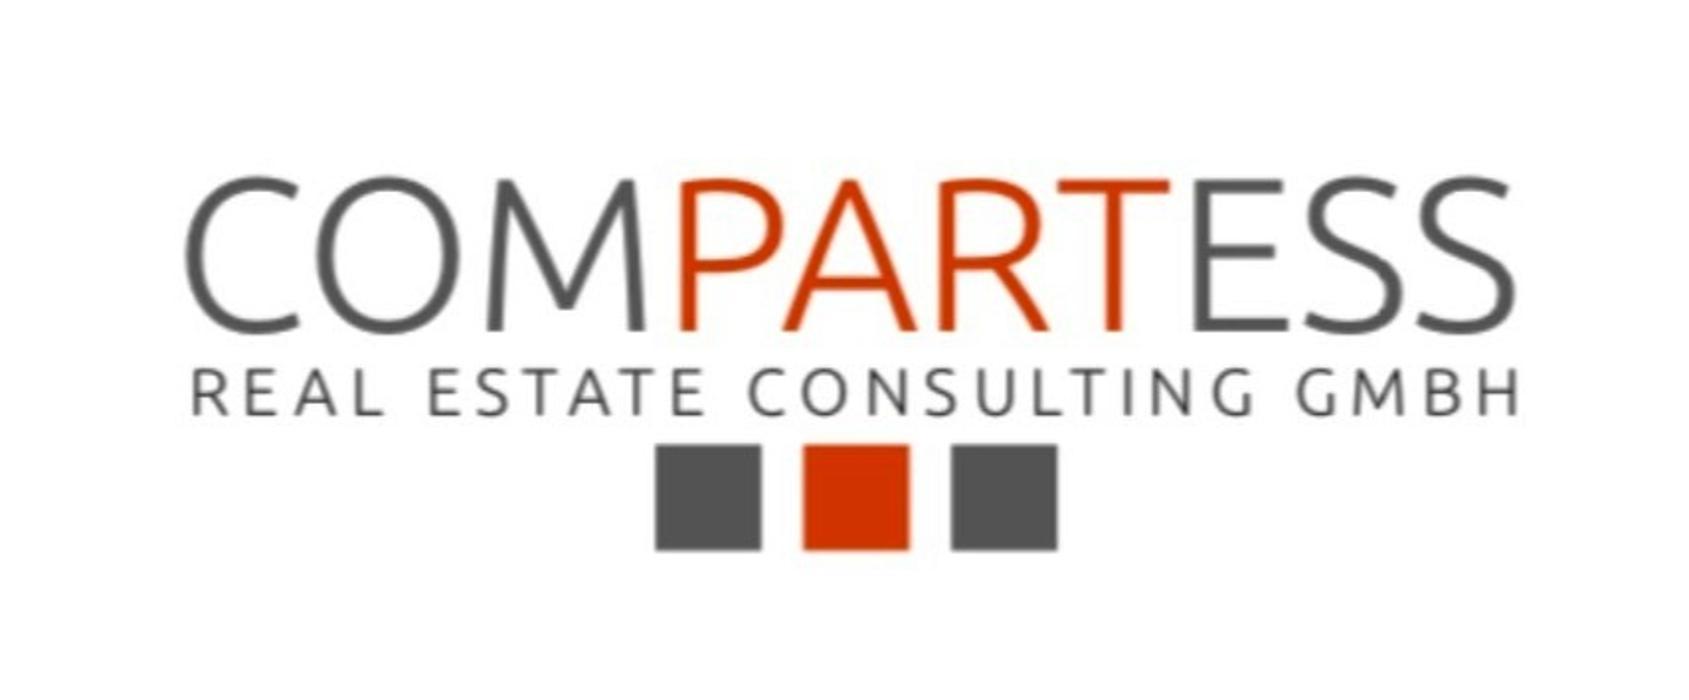 Bild zu COMPARTESS real estate consulting GmbH in Bochum